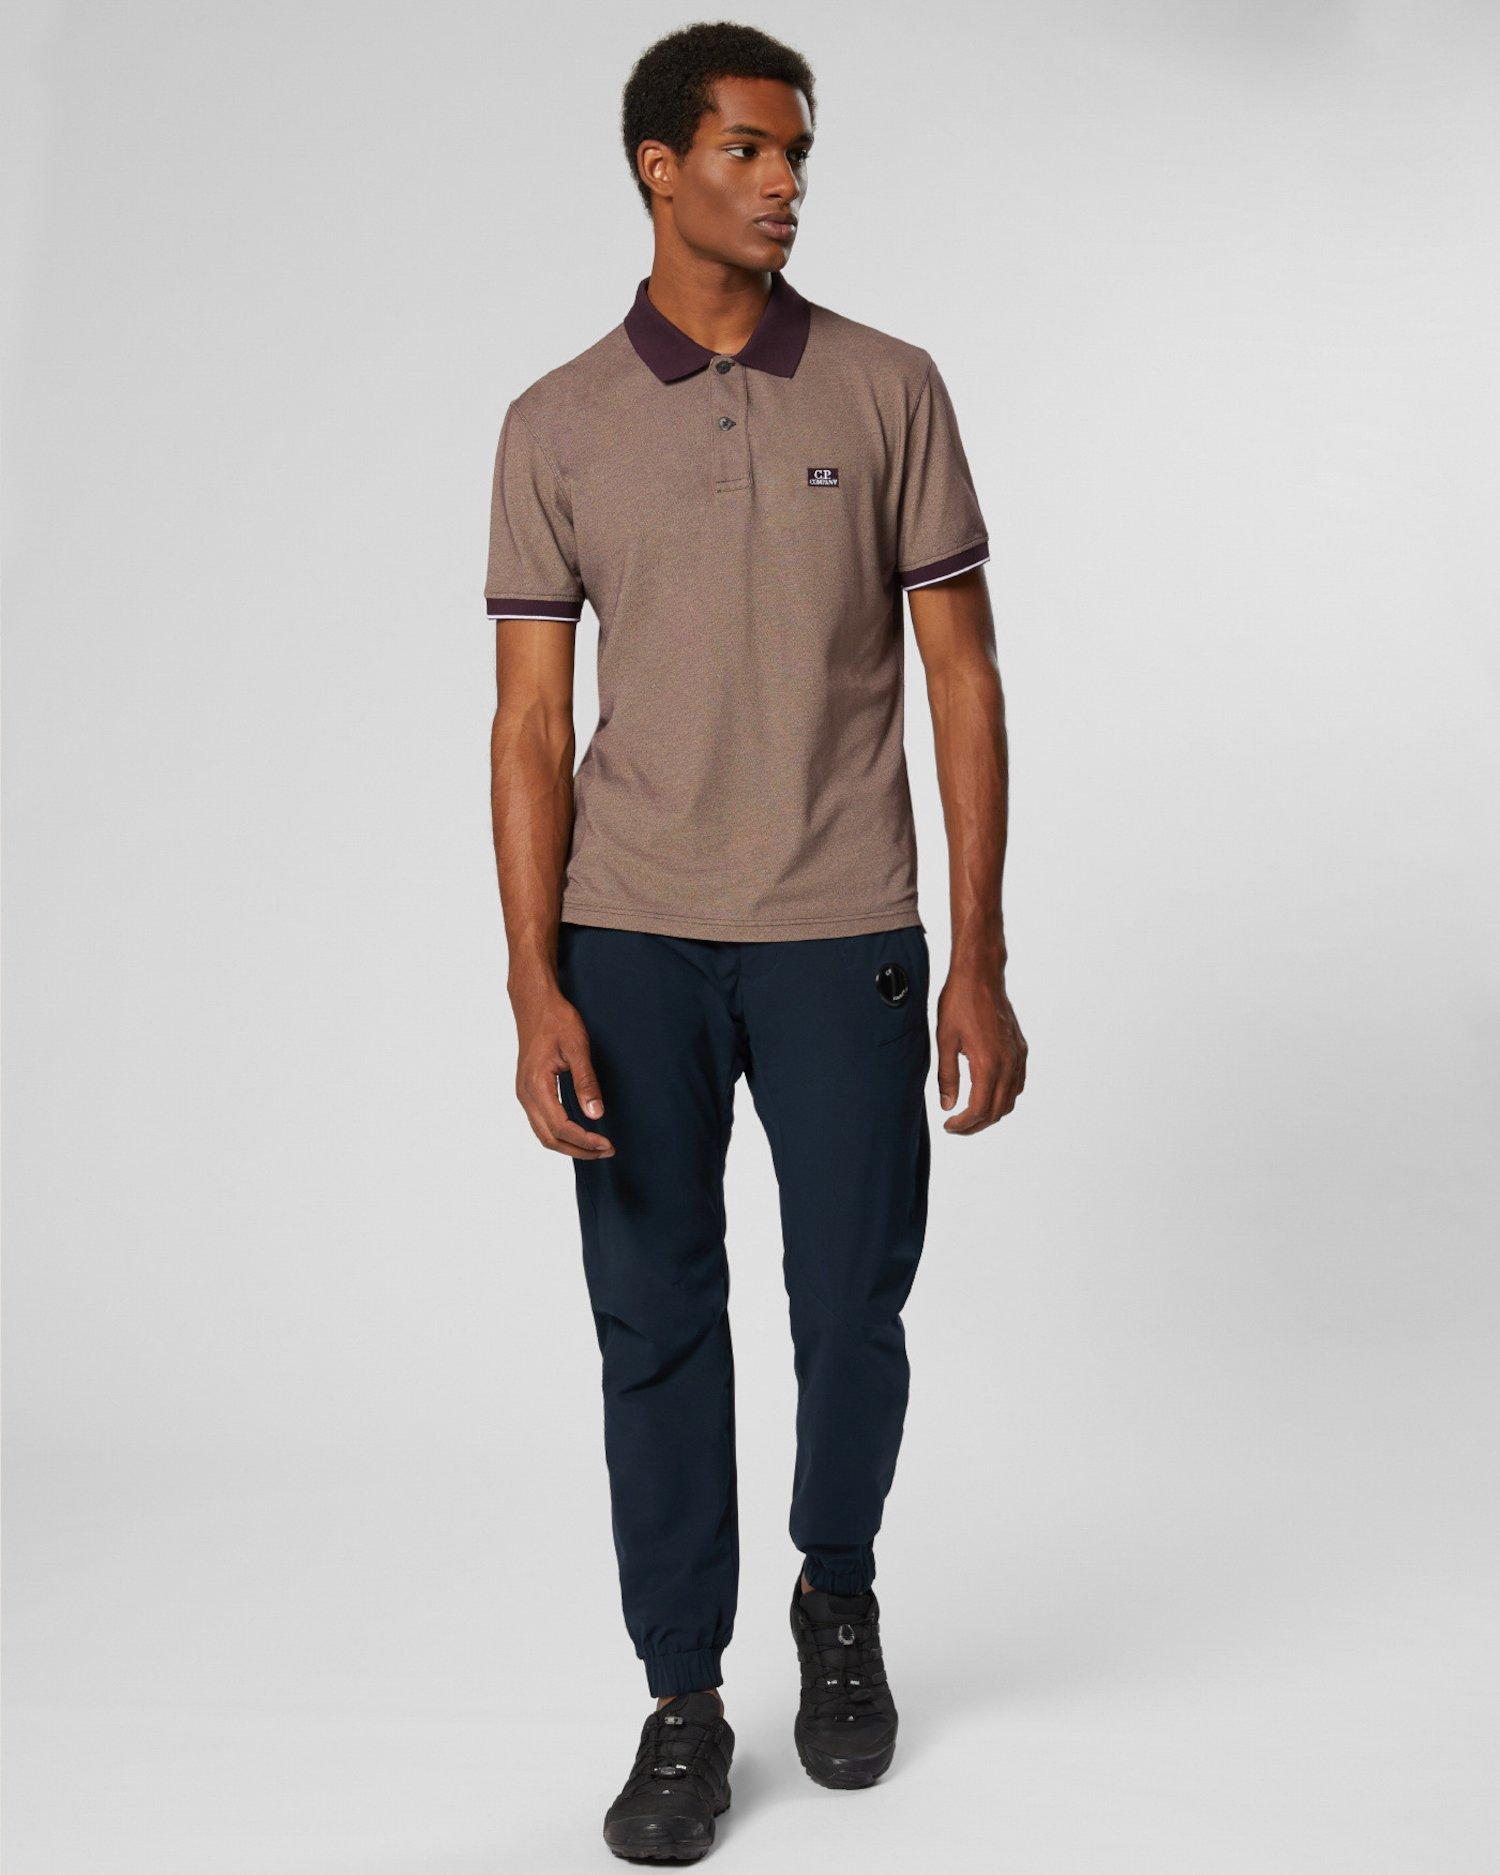 Kurzärmliges Poloshirt aus stückgefärbtem Pikee